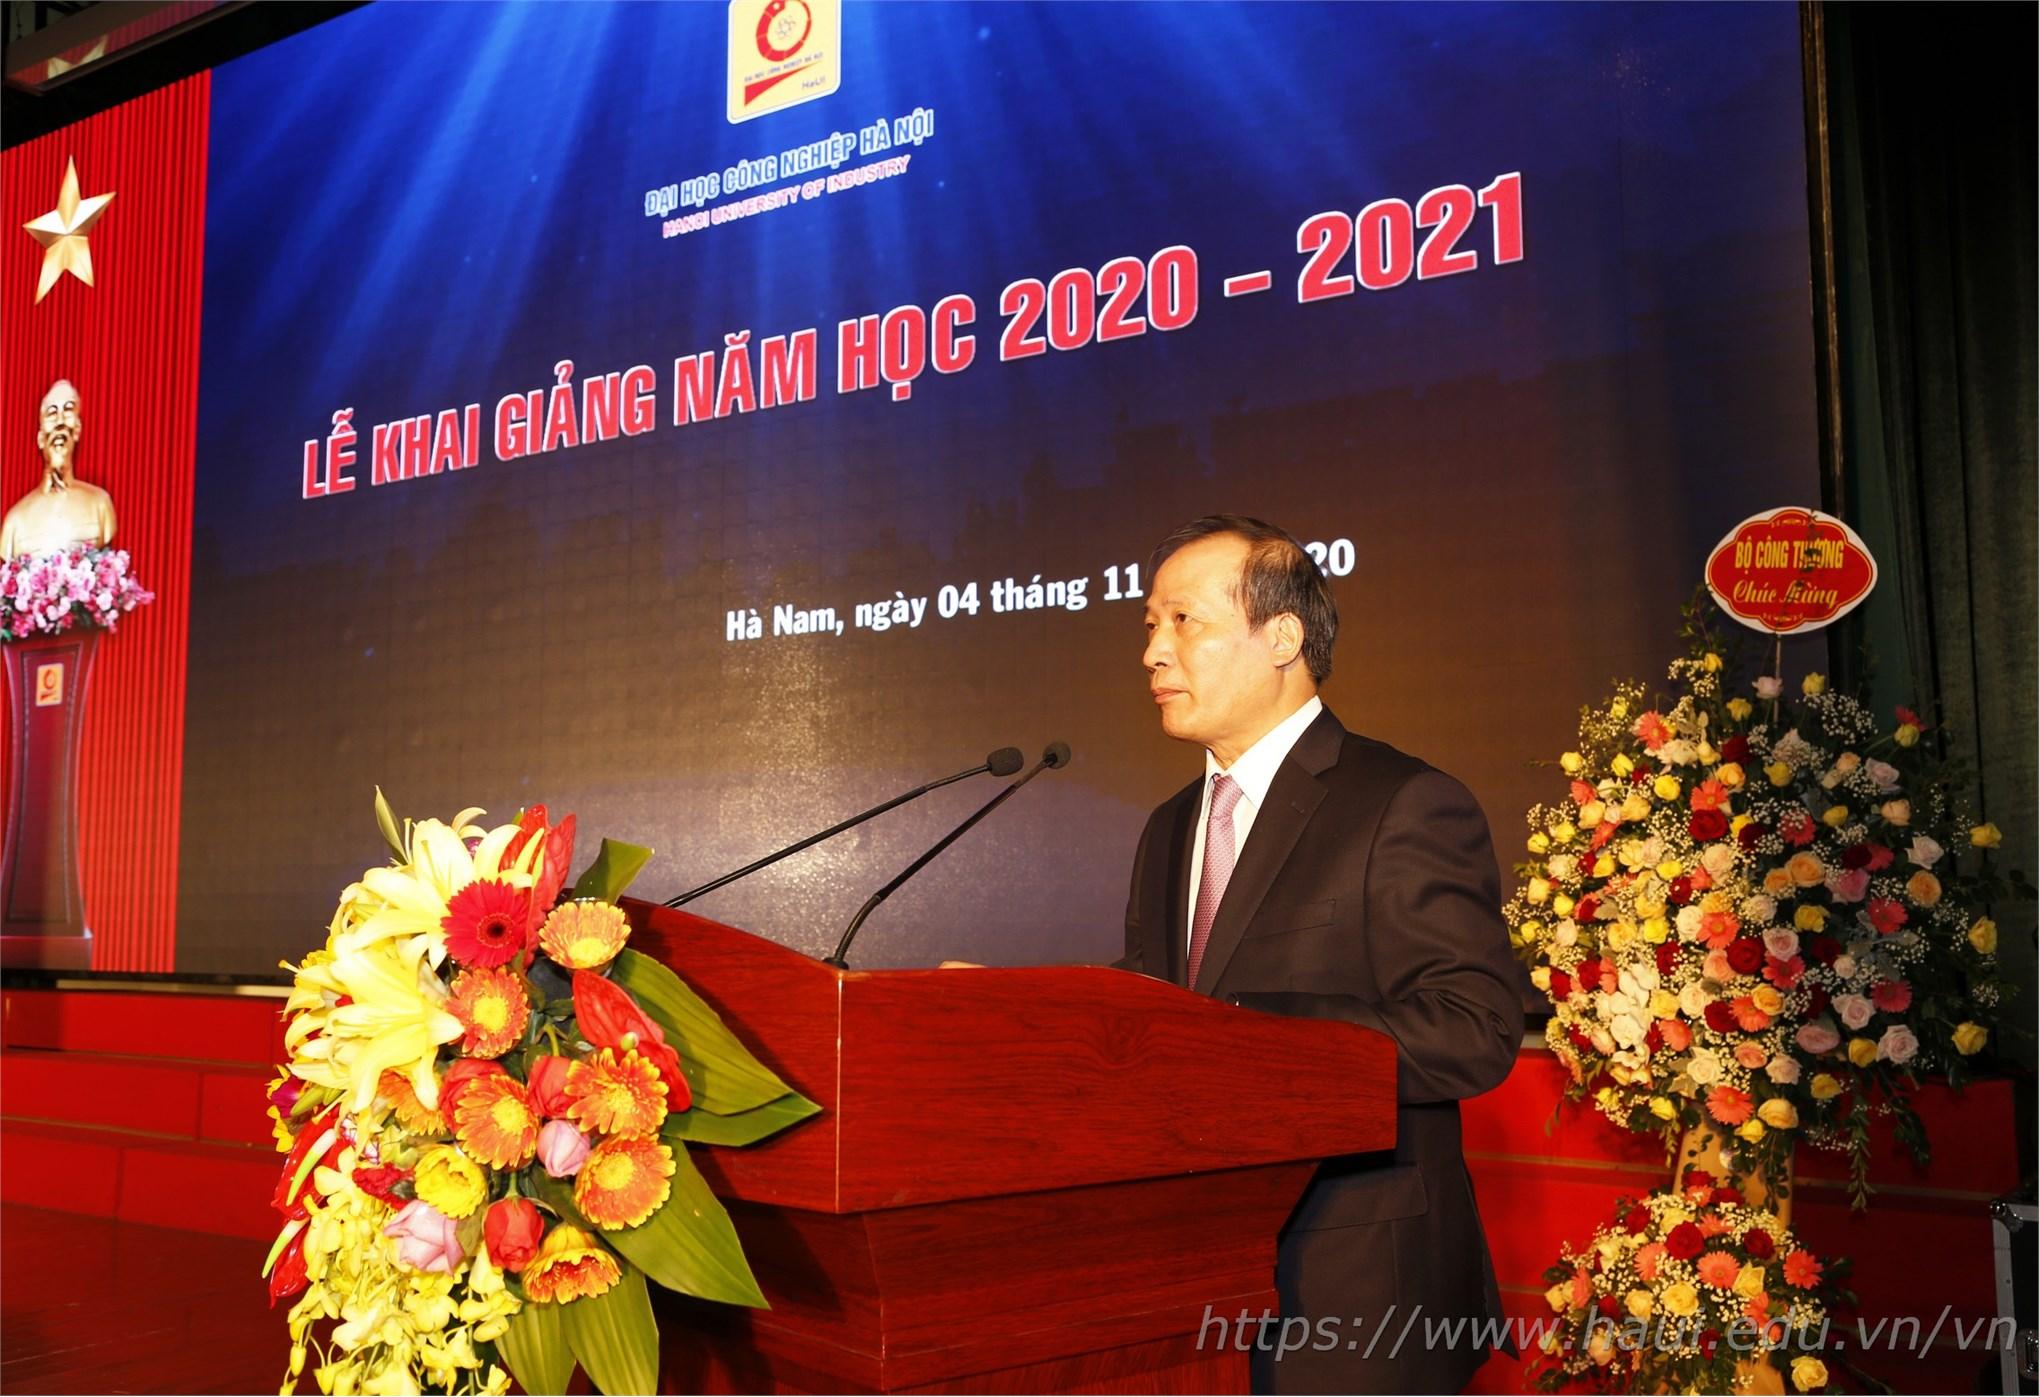 Thứ trưởng Cao Quốc Hưng khẳng định: Đại học Công nghiệp Hà Nội luôn là trường đi đầu trong tuyển sinh, đào tạo của Bộ Công Thương